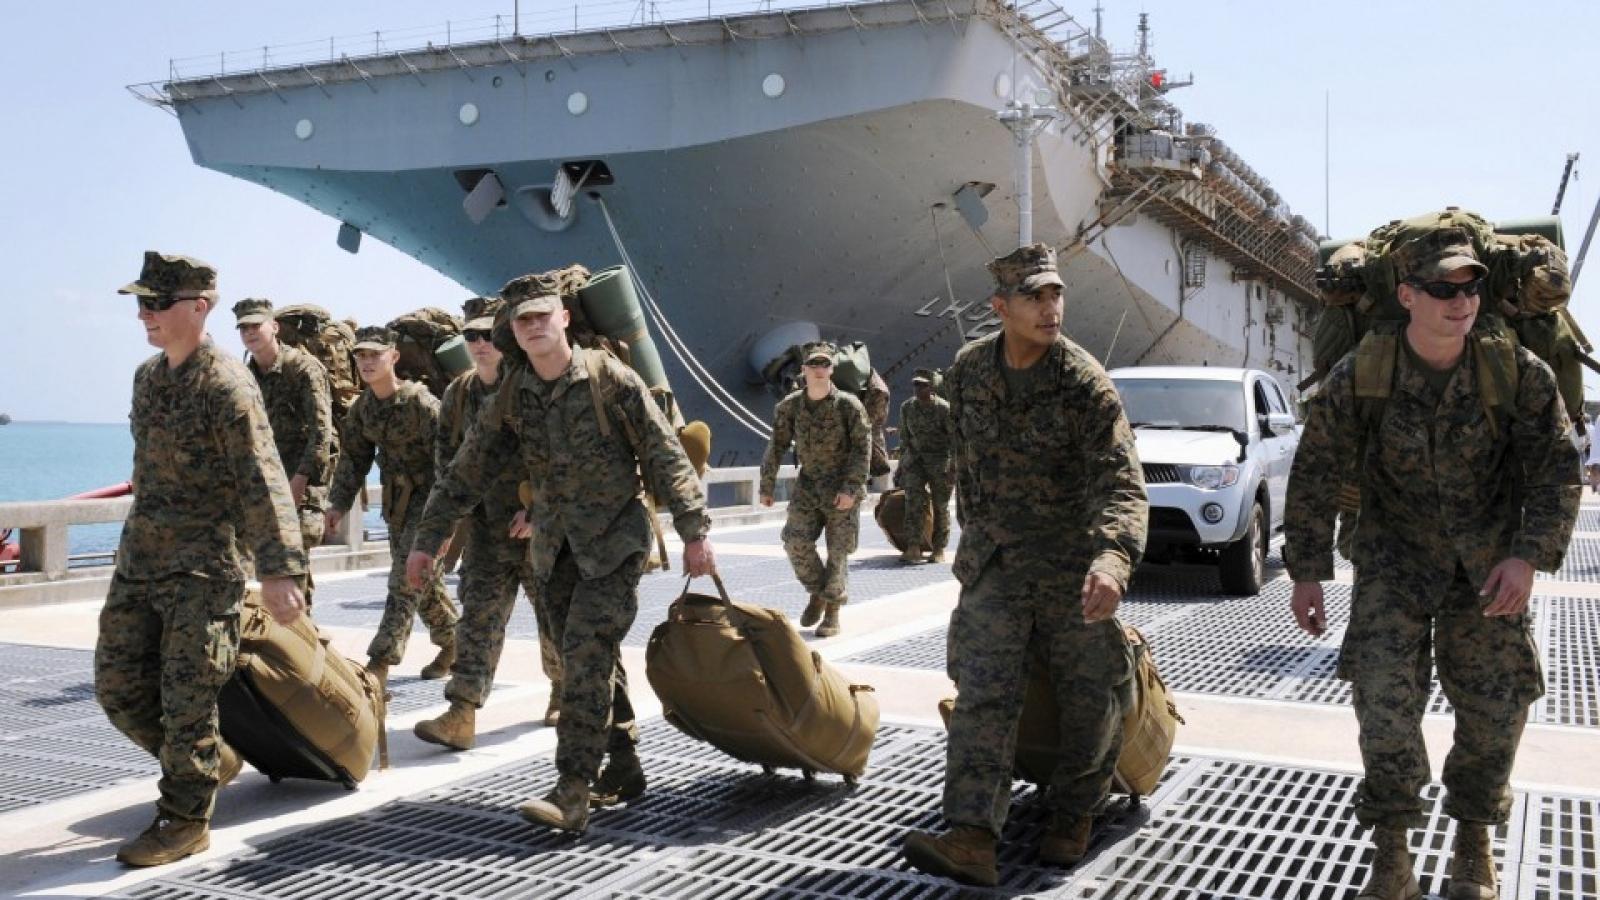 Lo ngại bùng phát ổ dịch Covid-19 trong quân đội Mỹ tại Nhật Bản